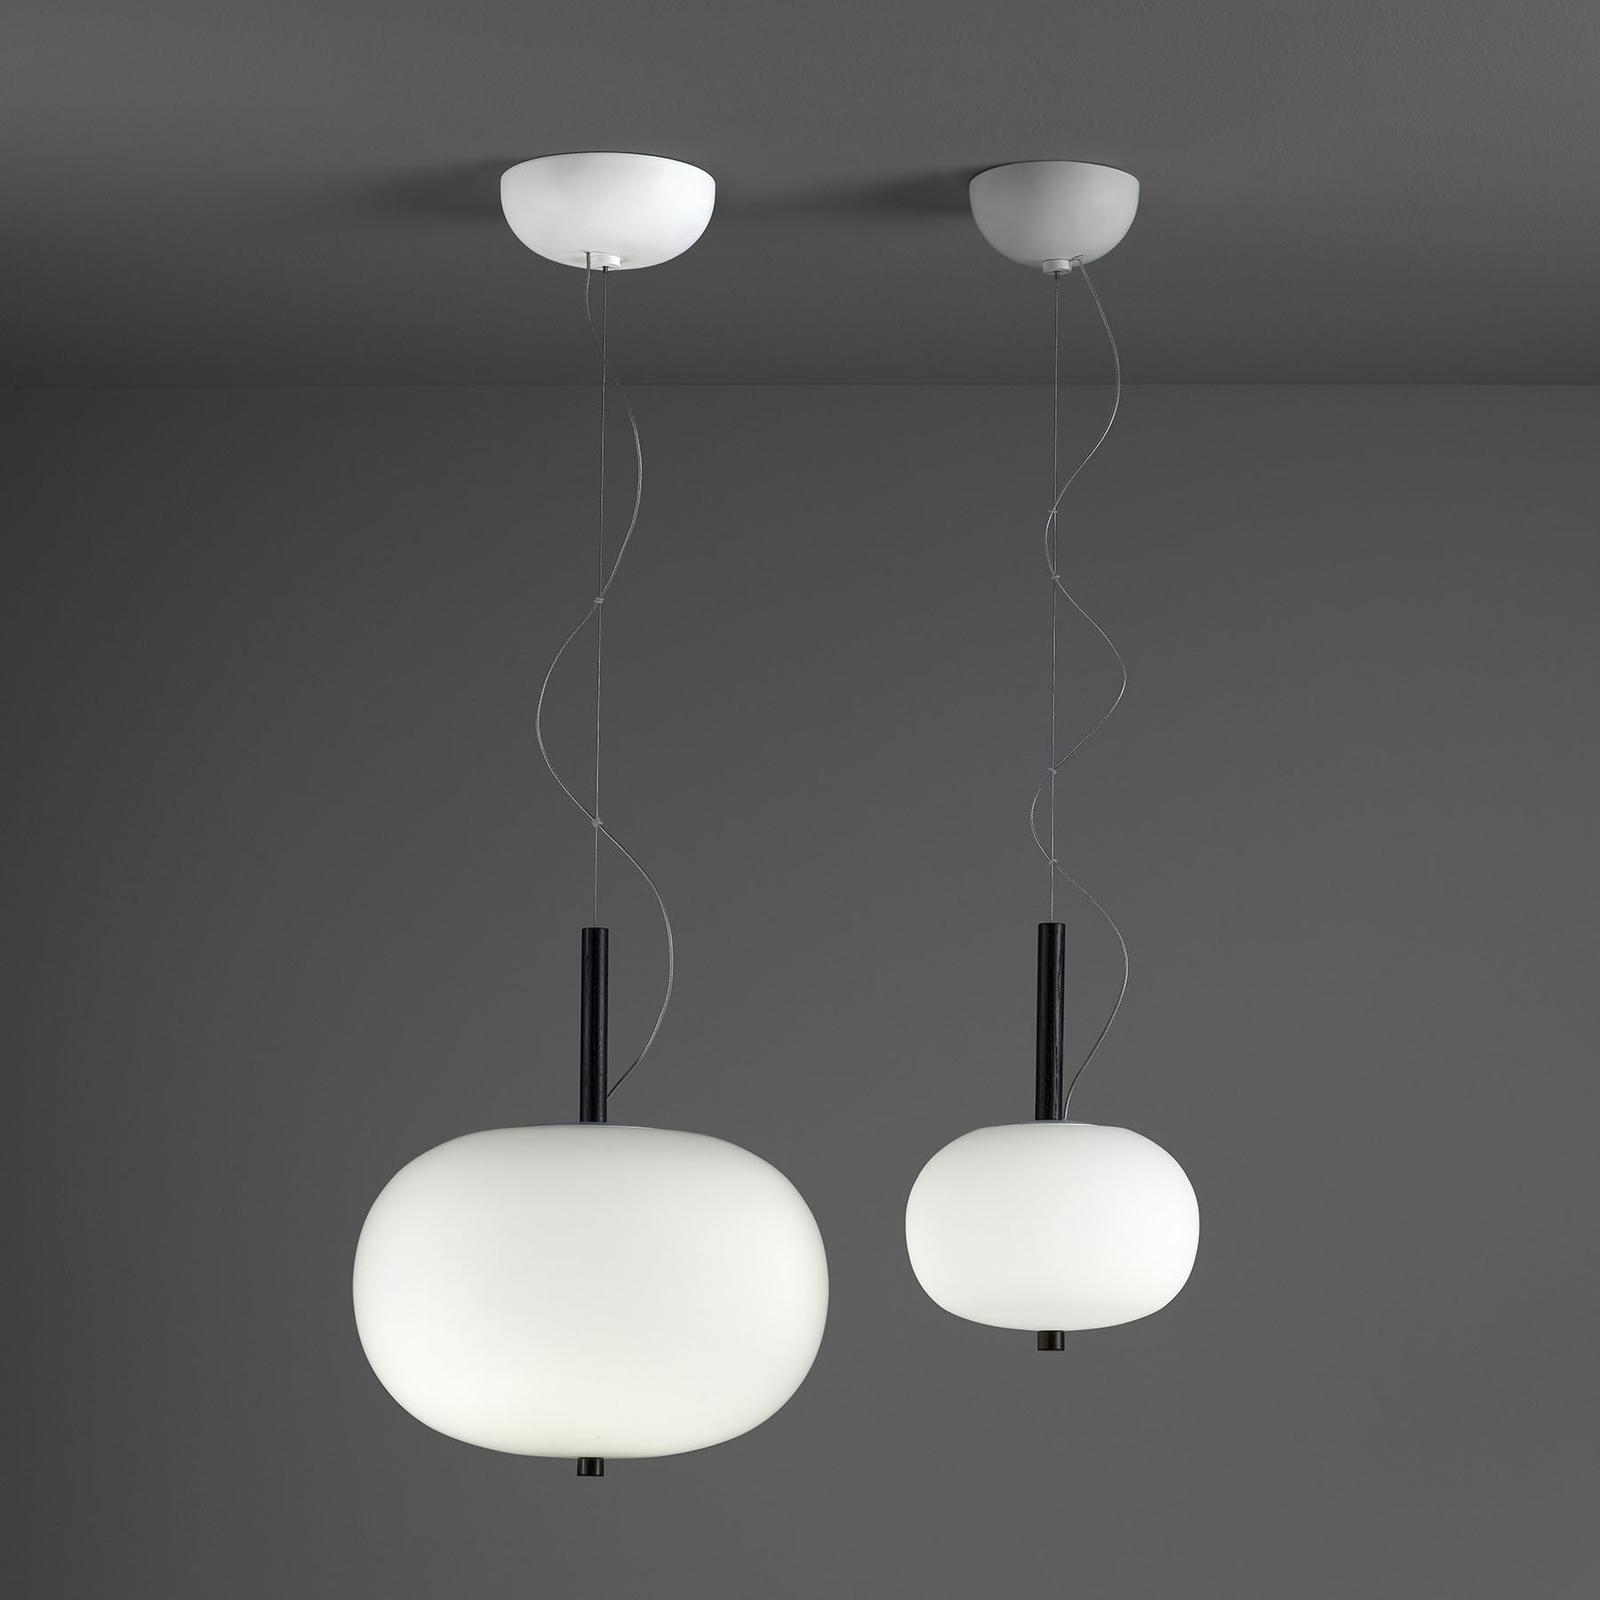 Grok Ilargi -LED-riippuvalo, vaalea, Ø 39,5cm